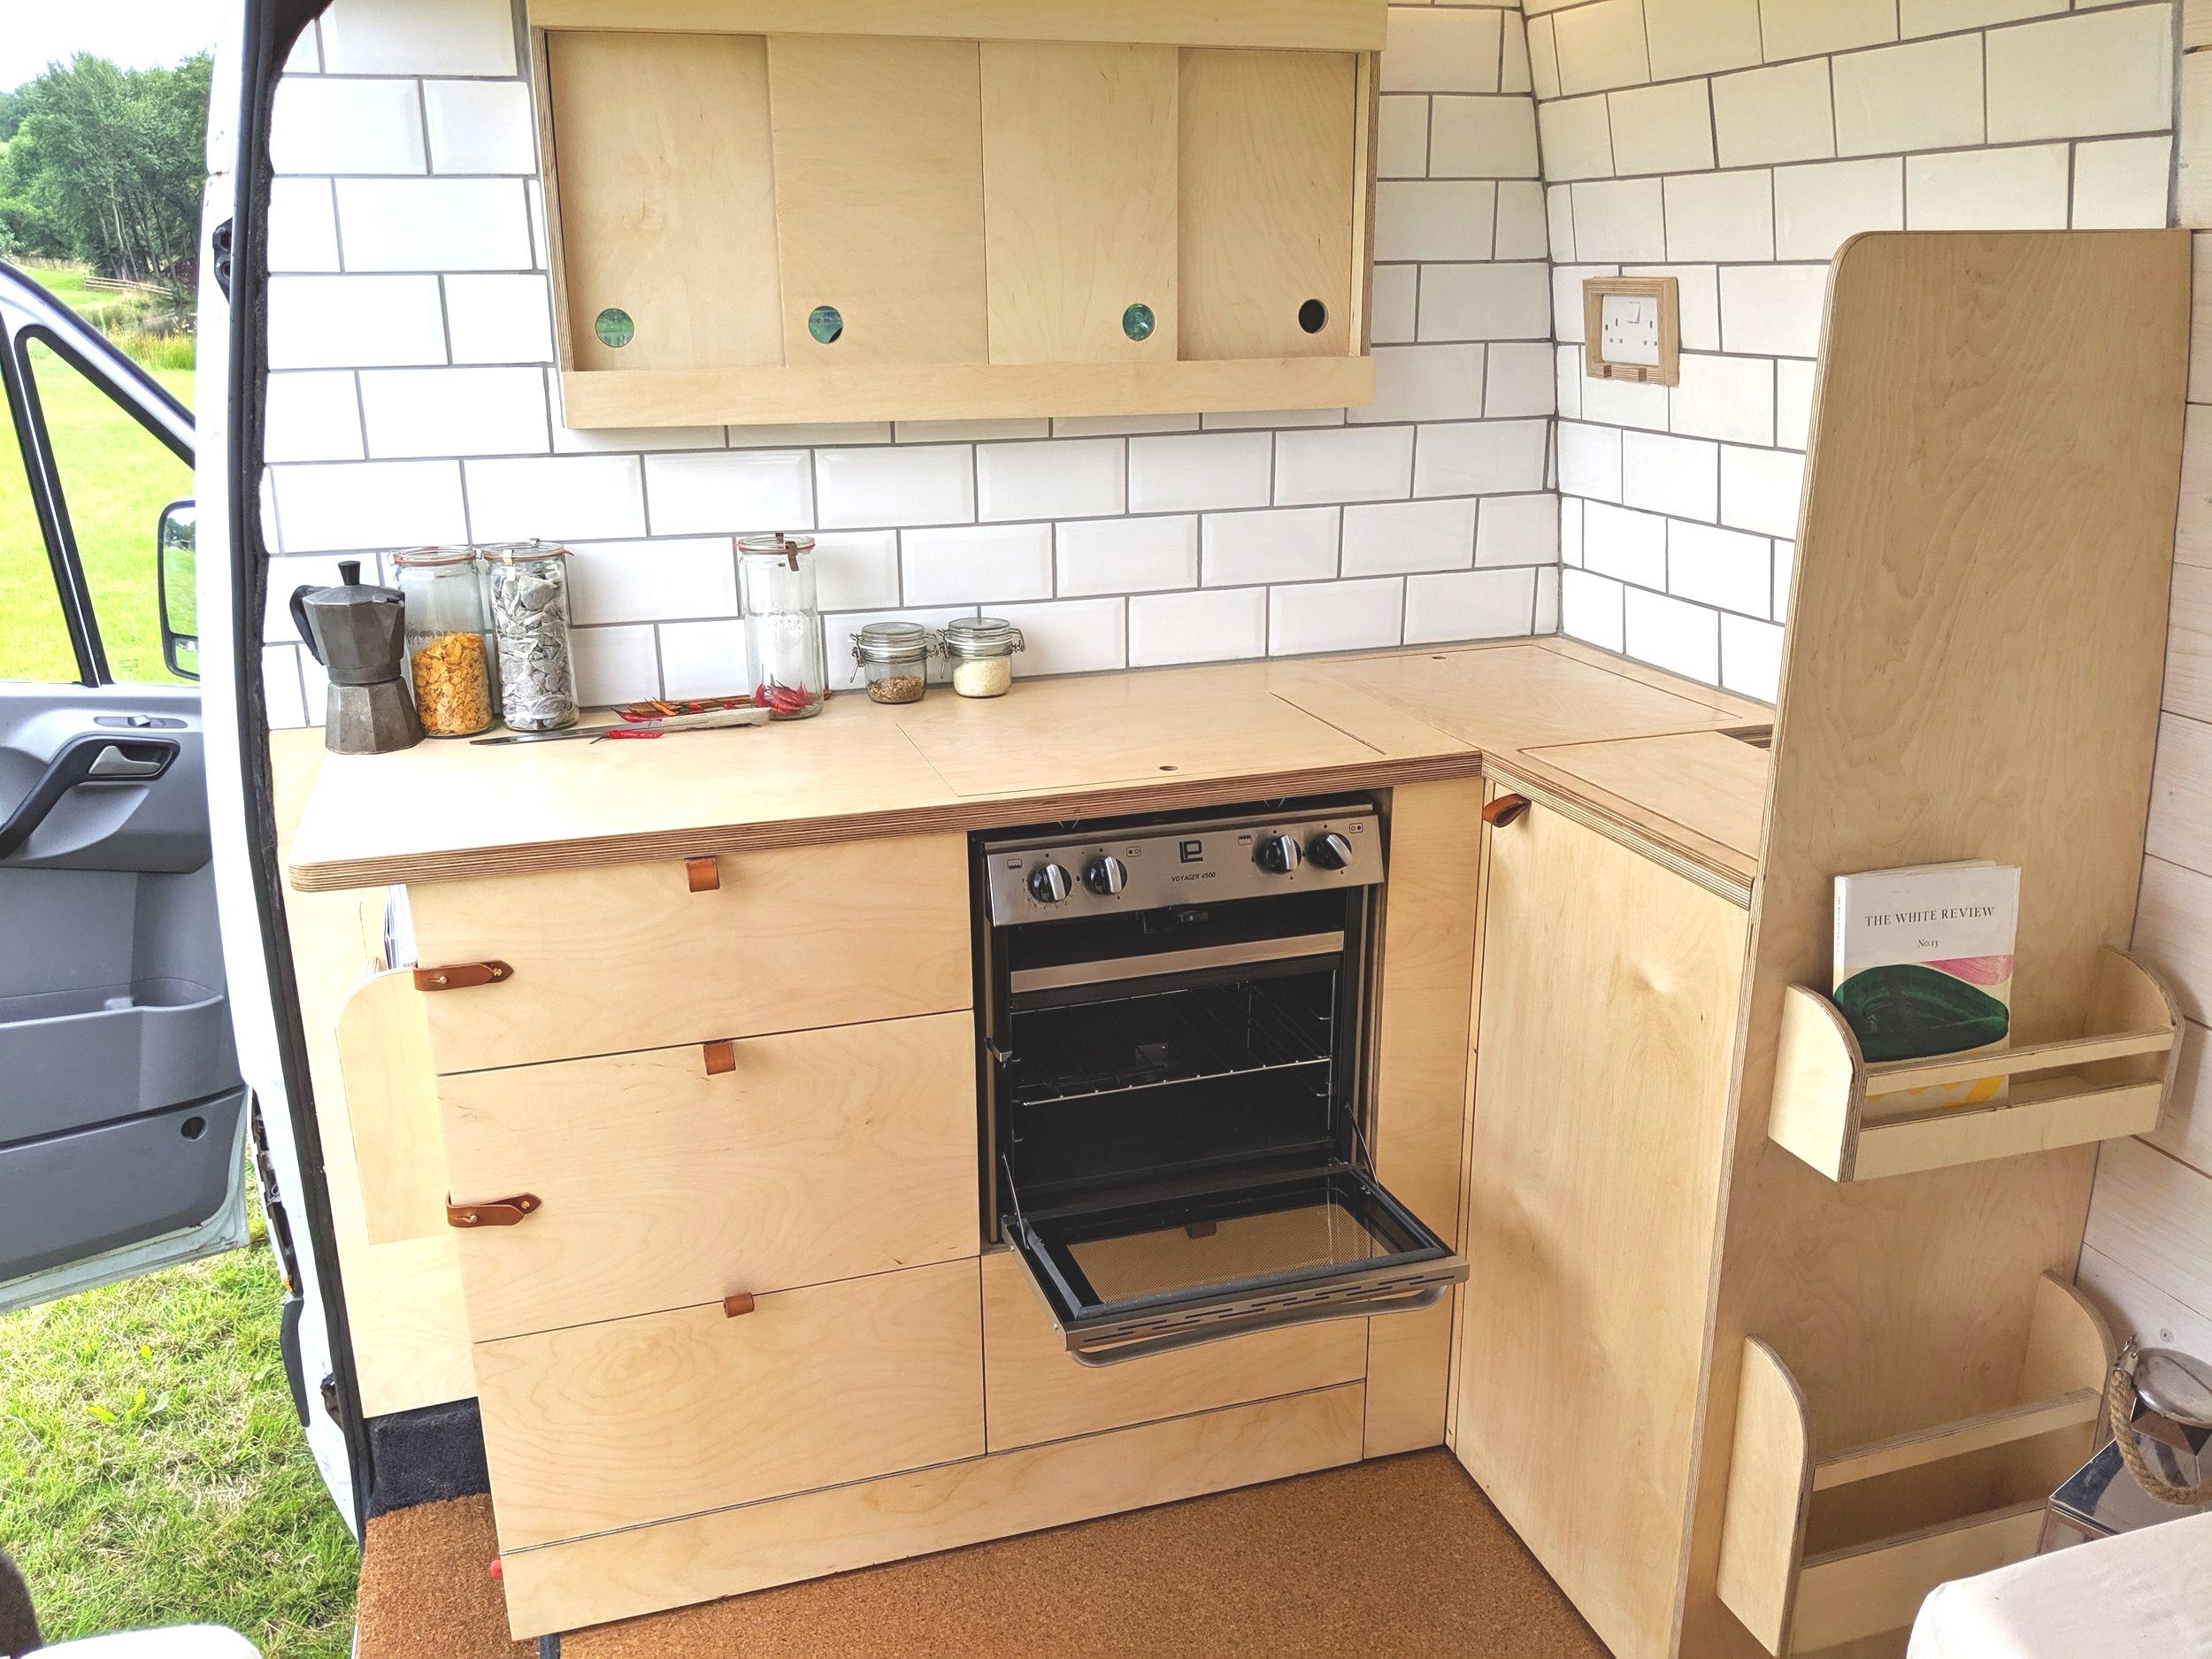 OOOD van kitchen